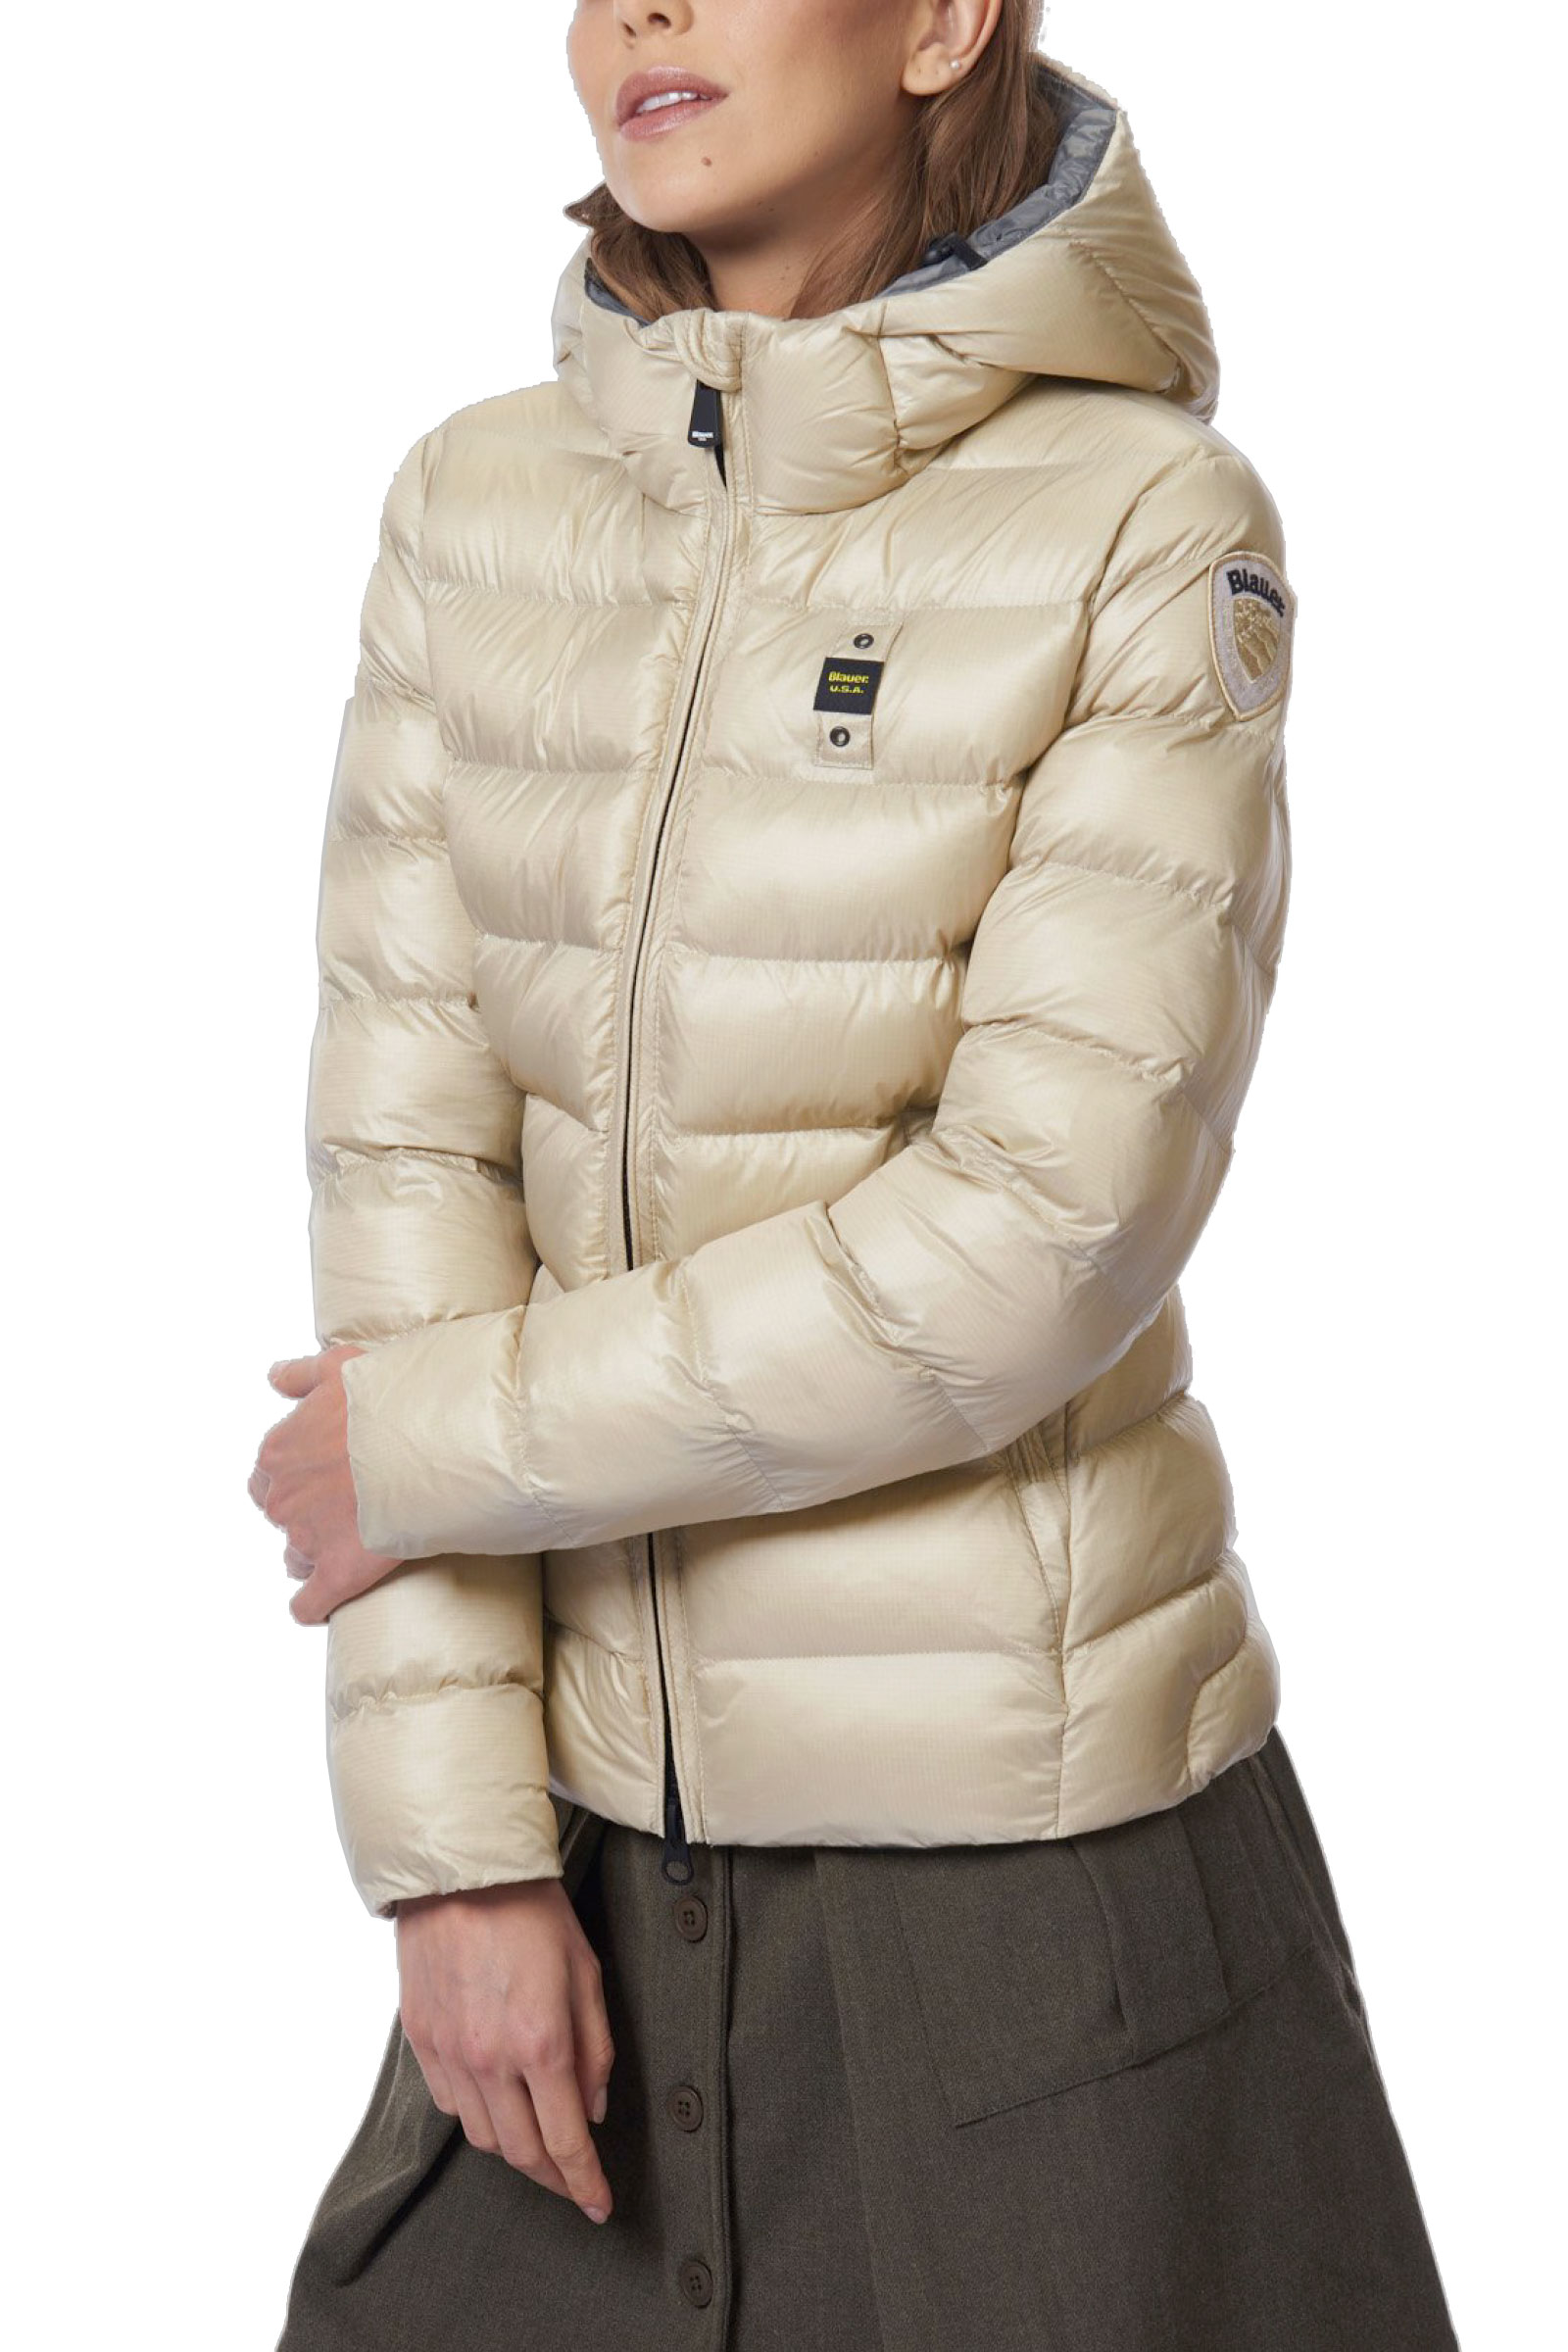 BLAUER   Jacket   BLDC02125 5958120